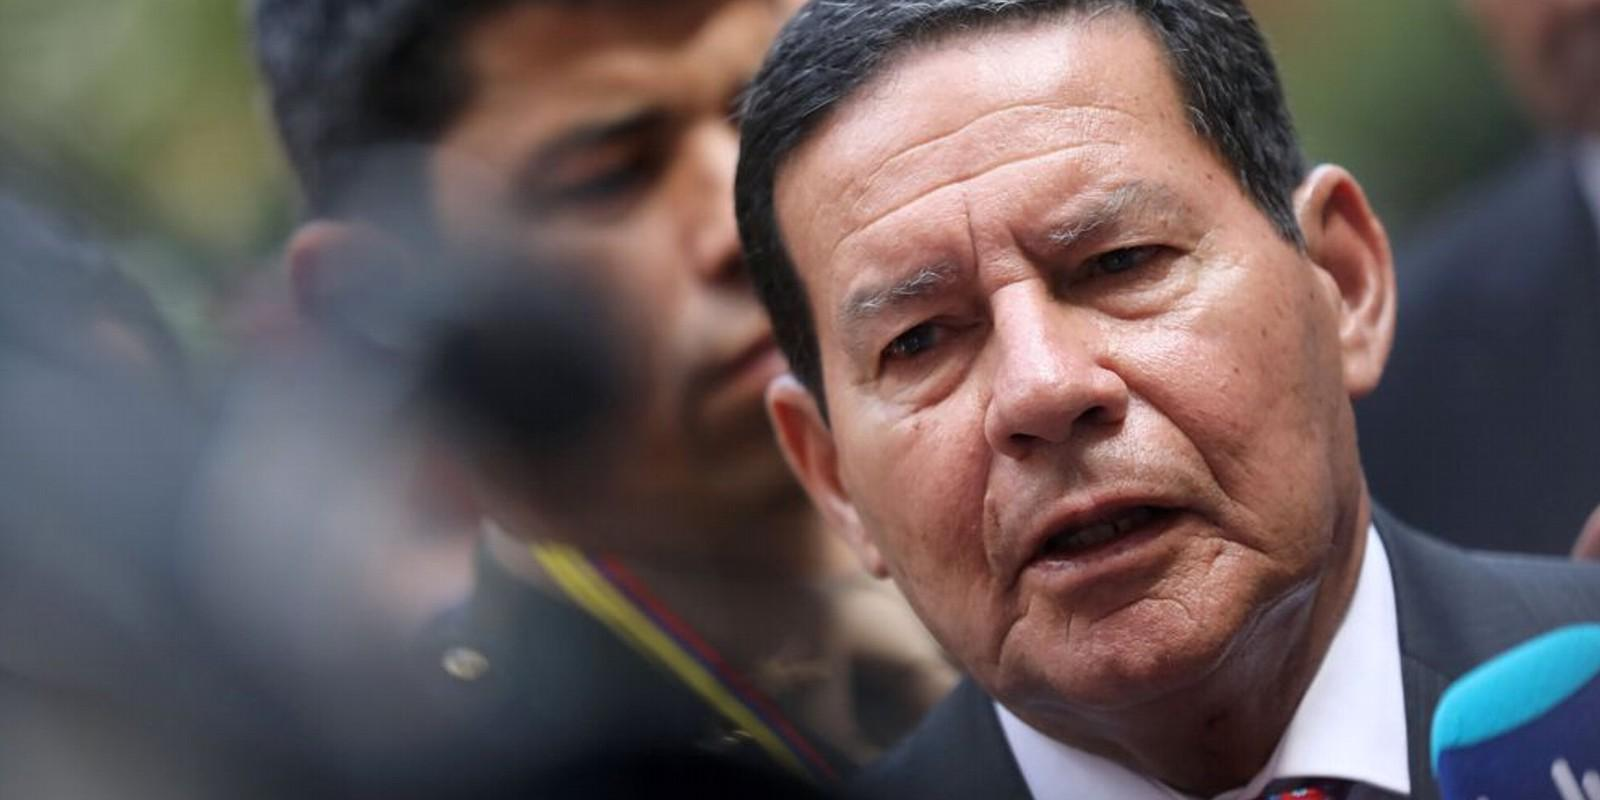 Governo pode oferecer cargos para aprovar reforma da previdência, diz Mourão